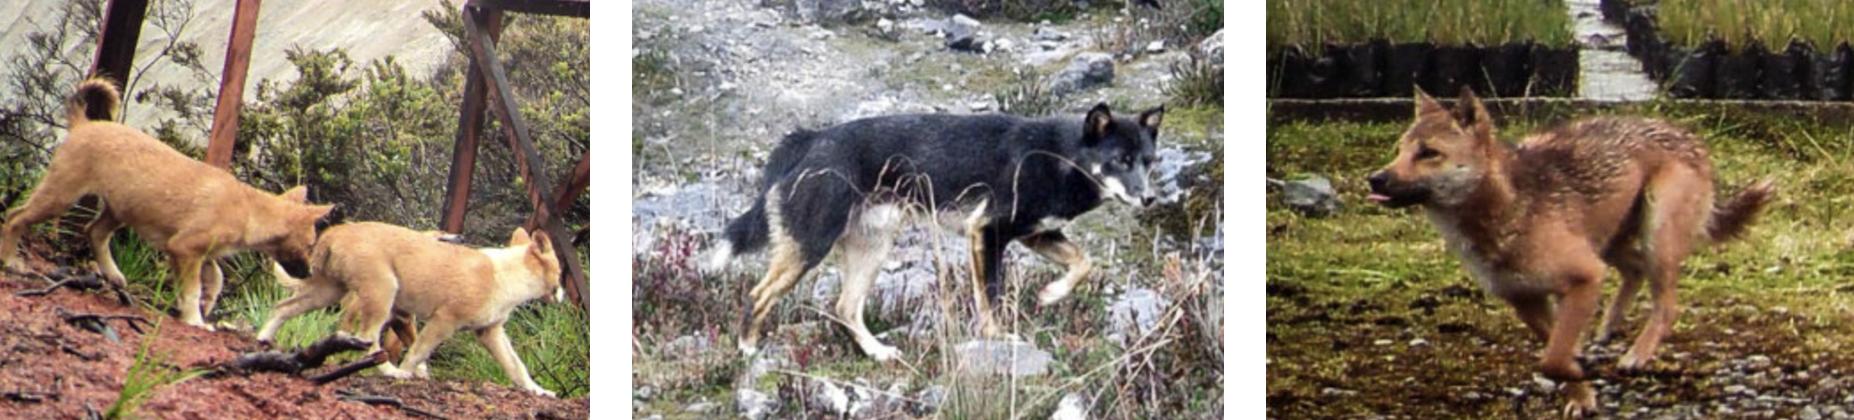 Ученым удалось получить фотографии самой древней из существующих собак